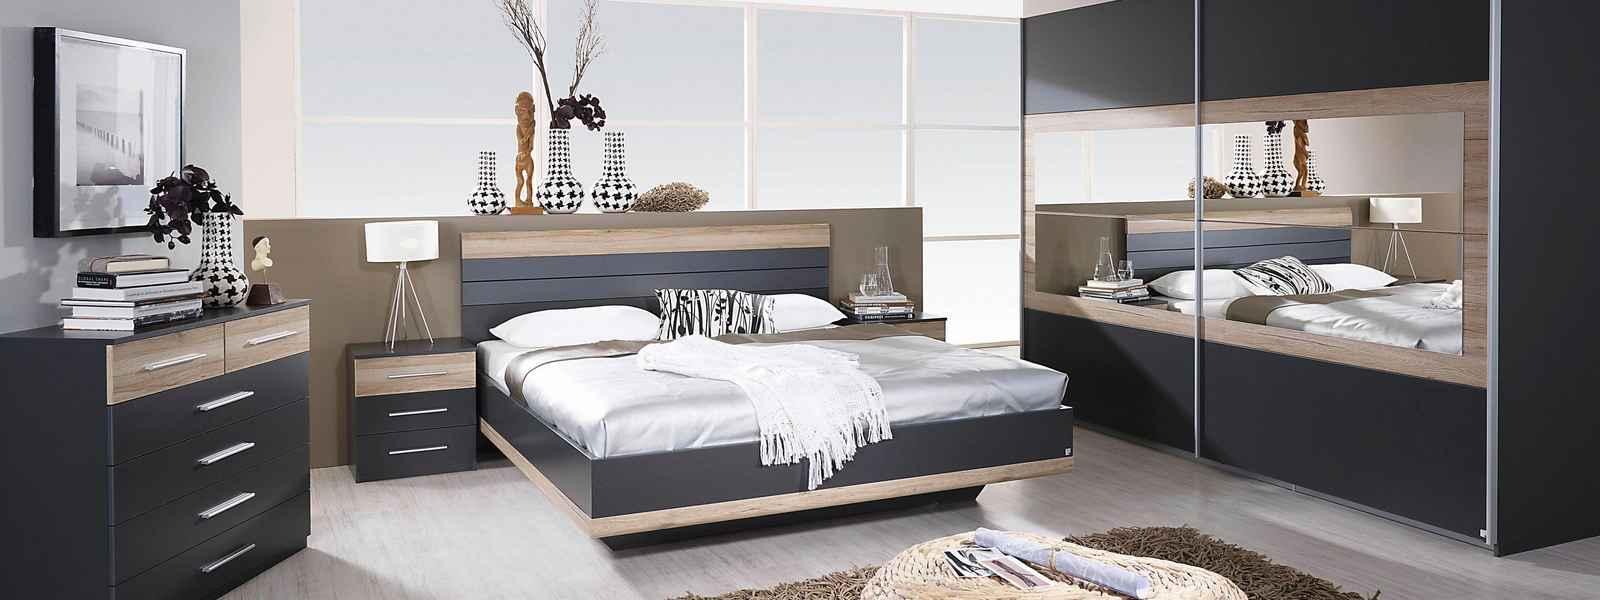 m bel online shop einrichtung online kaufen otto. Black Bedroom Furniture Sets. Home Design Ideas